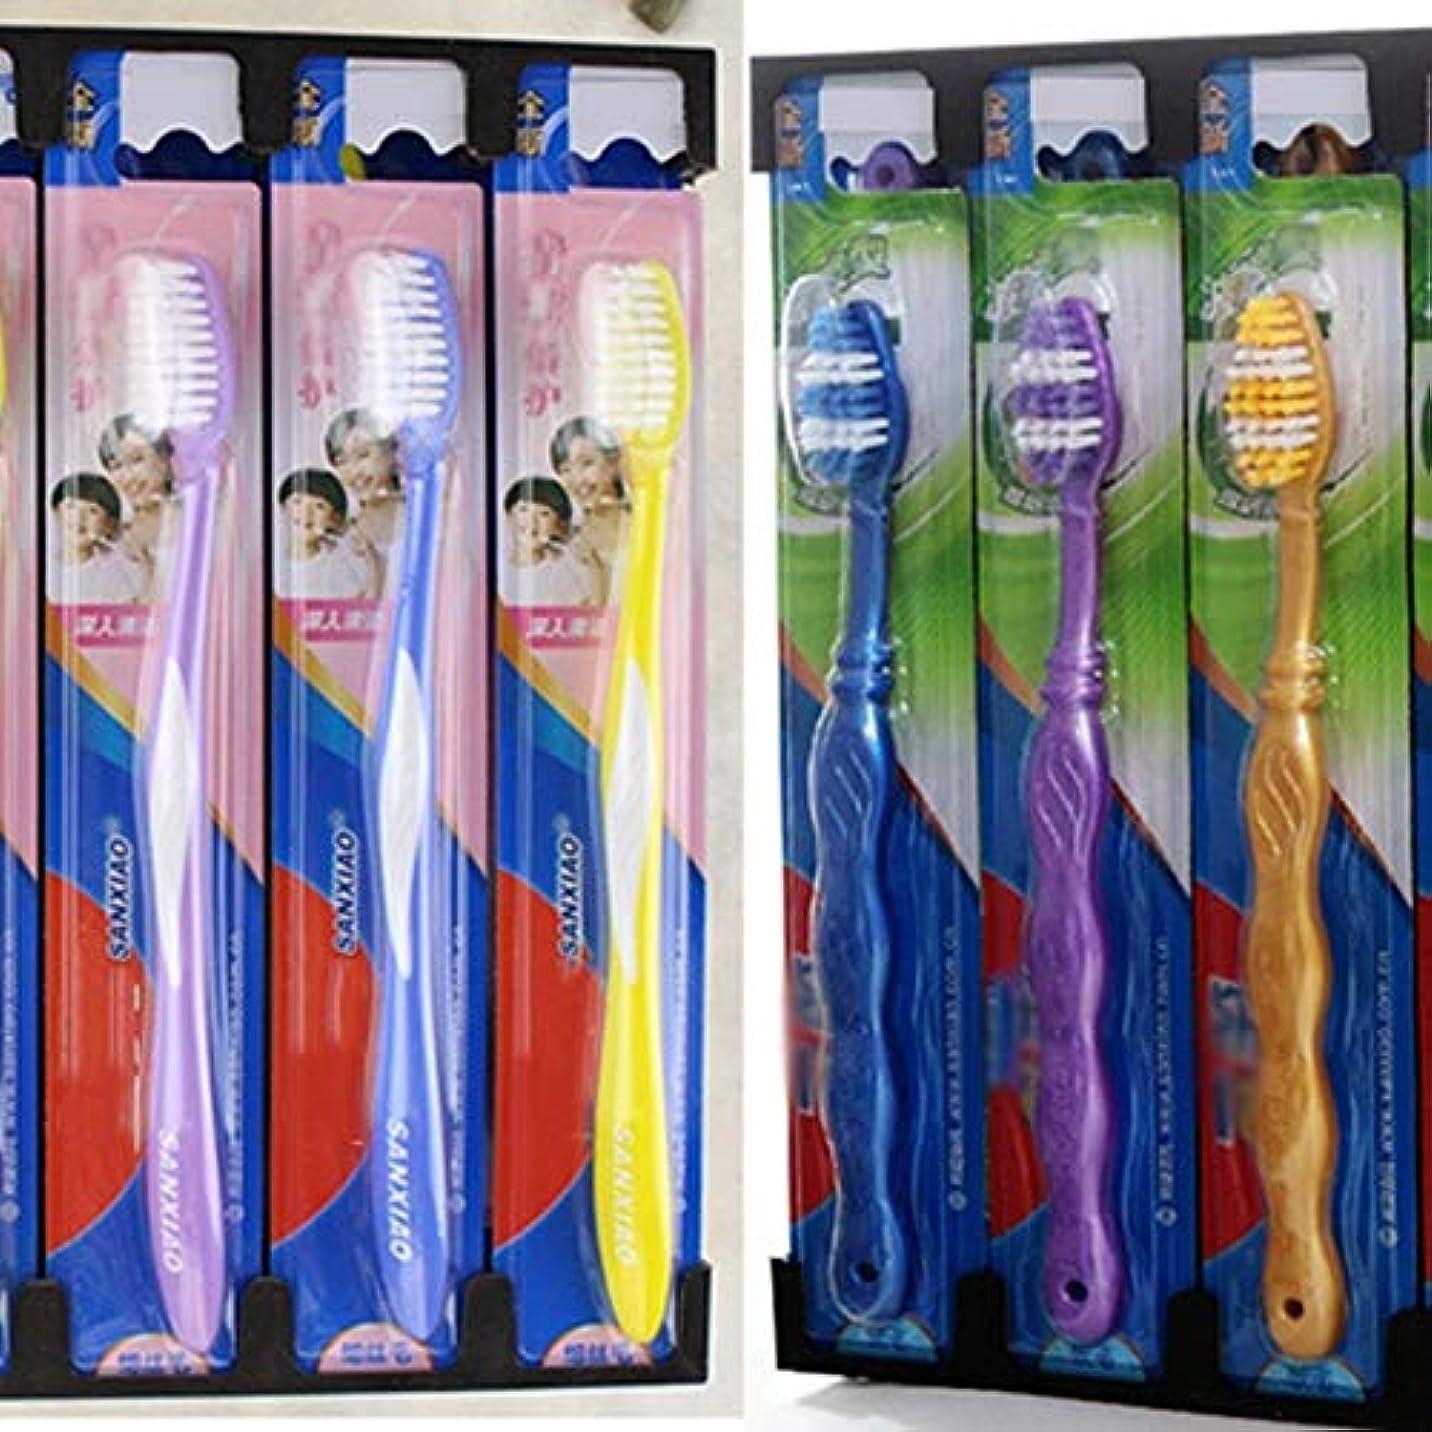 背骨治世キリマンジャロ歯ブラシ 30本の歯ブラシ、旅行歯ブラシ、家族バルク大人歯ブラシ、ミディアム歯ブラシ - 使用可能なスタイルの3種類 KHL (色 : C, サイズ : 30 packs)